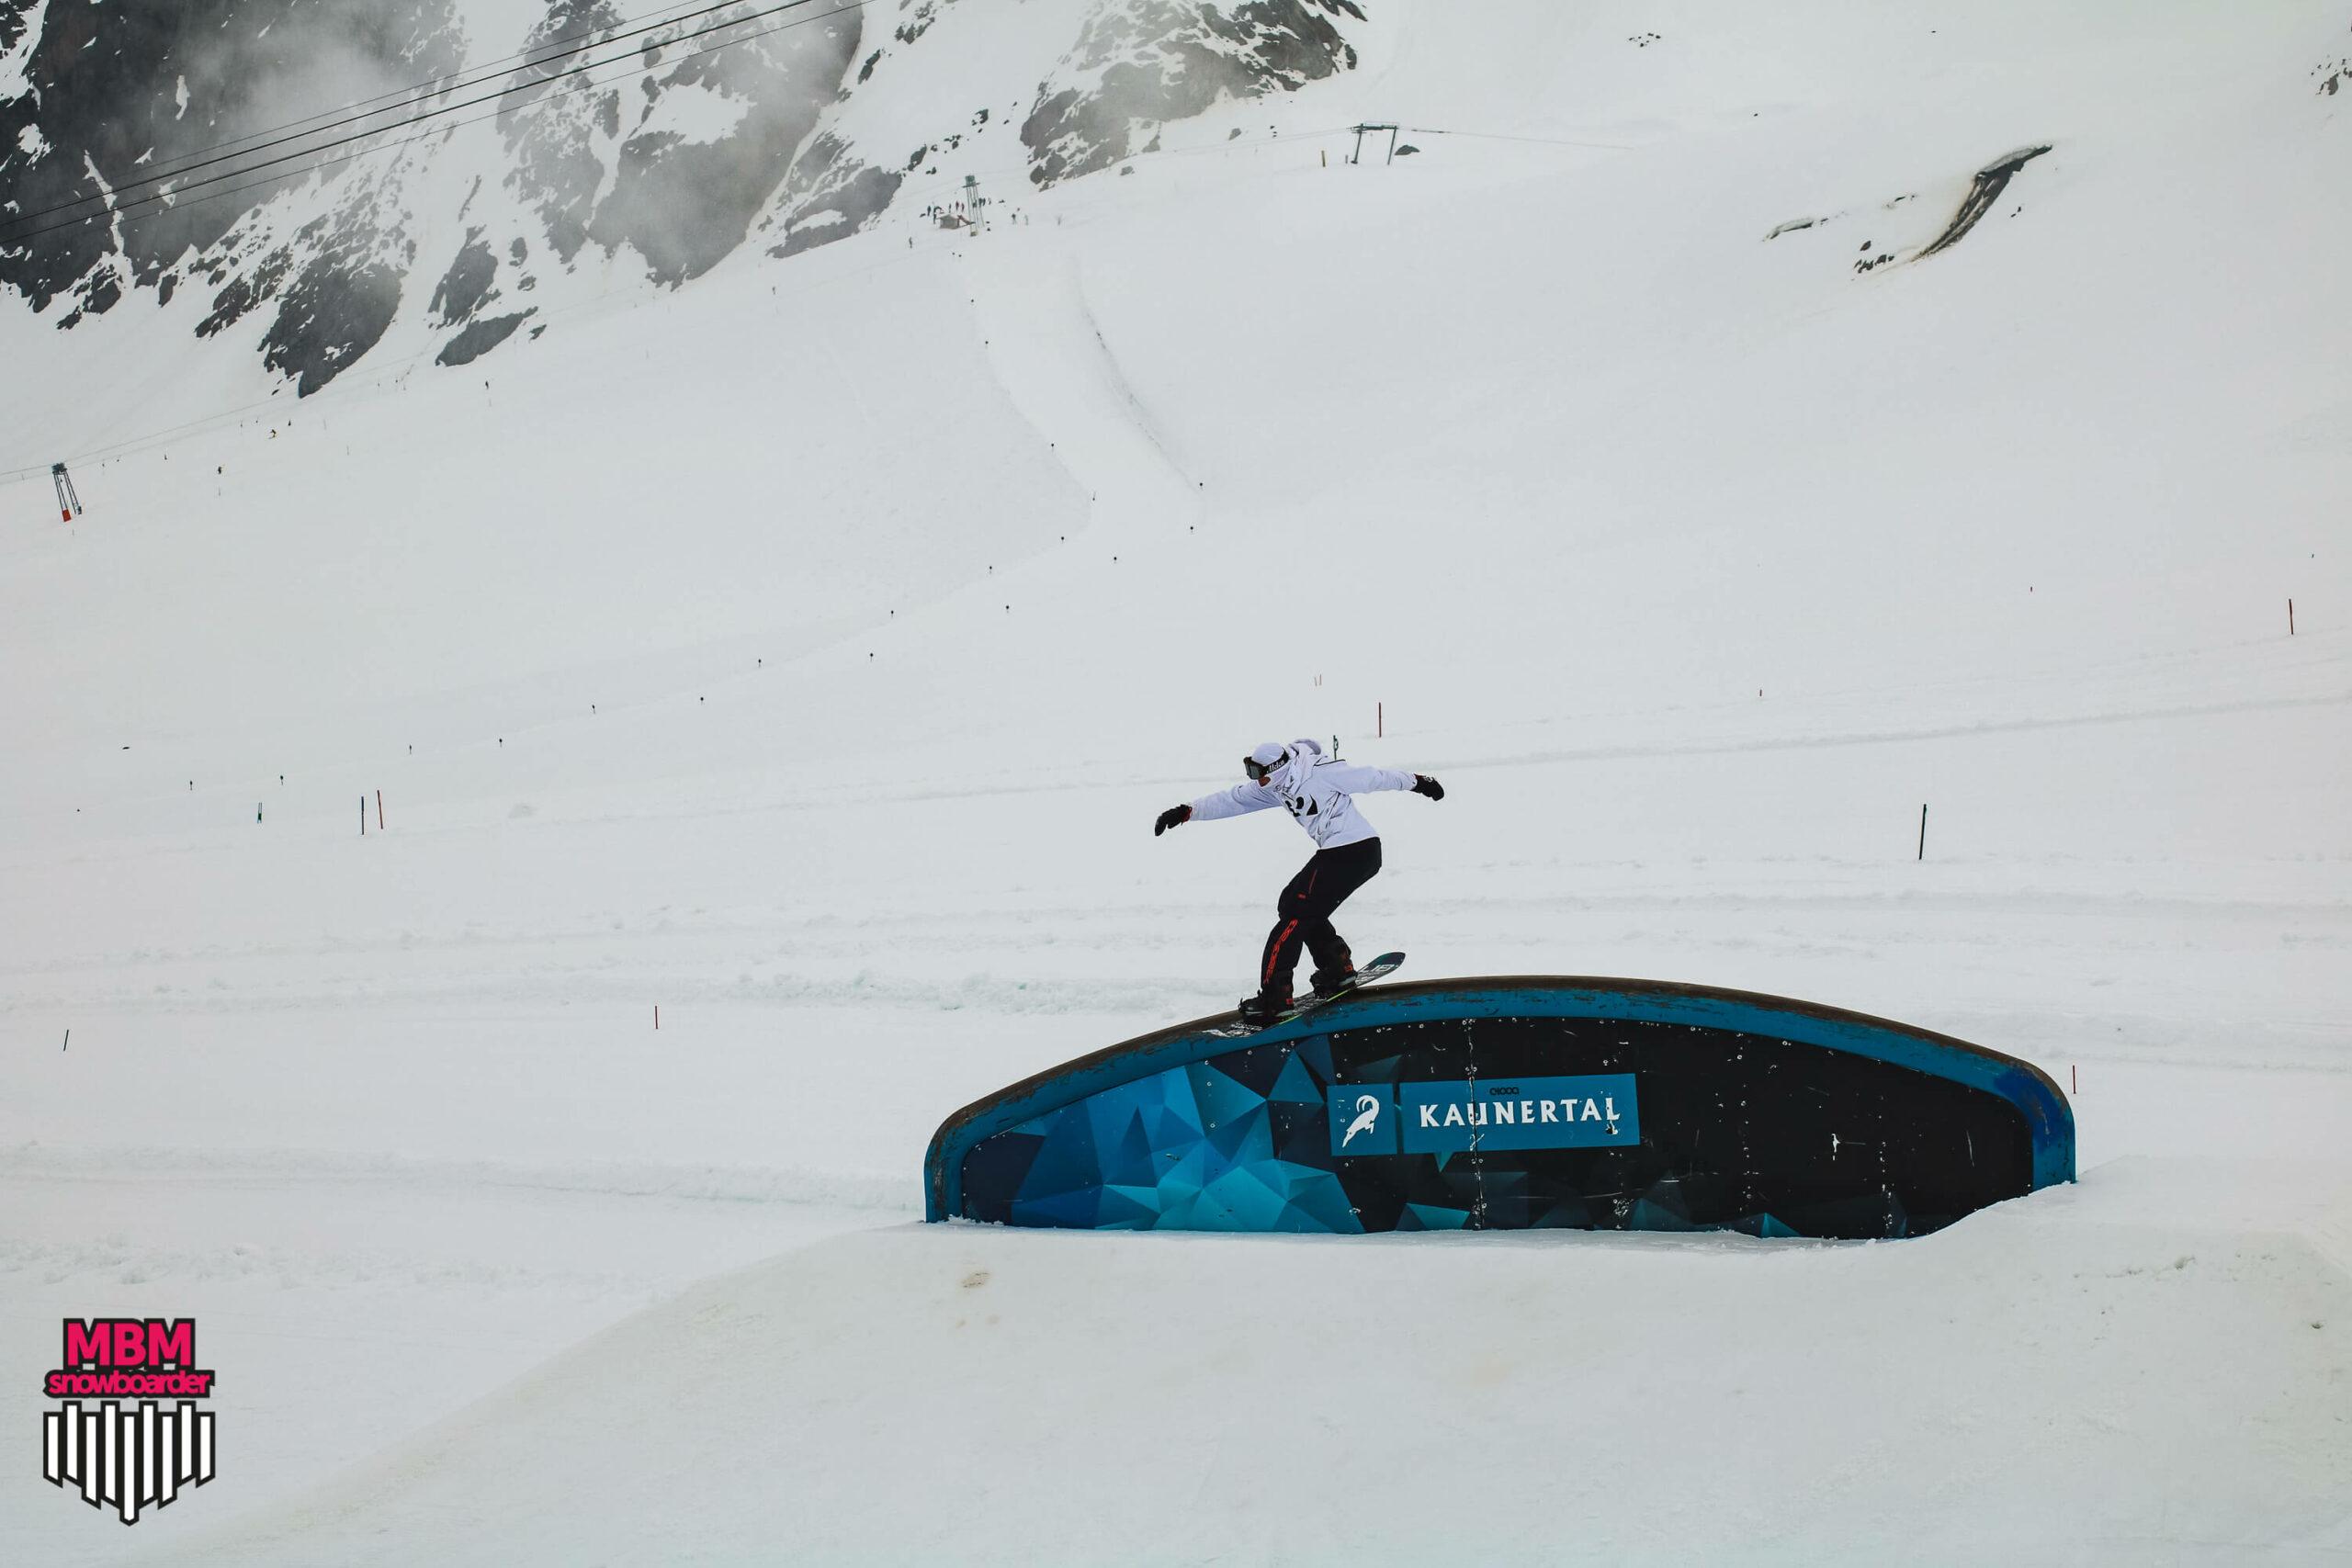 snowboarderMBM_sd_kaunertal_025